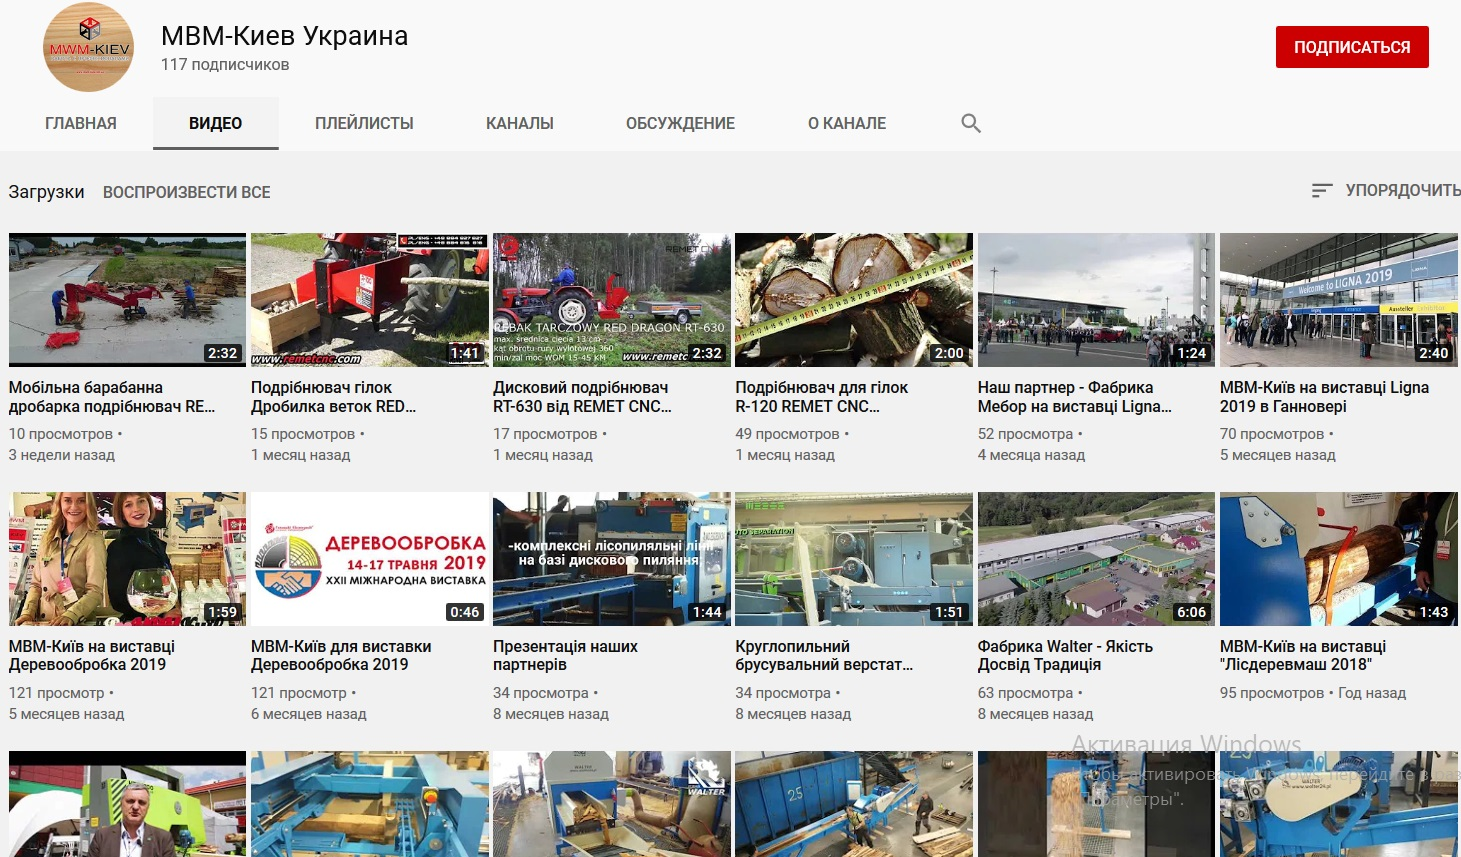 Добро пожаловать на нашу старничку в  YouTube  МВМ-Киев